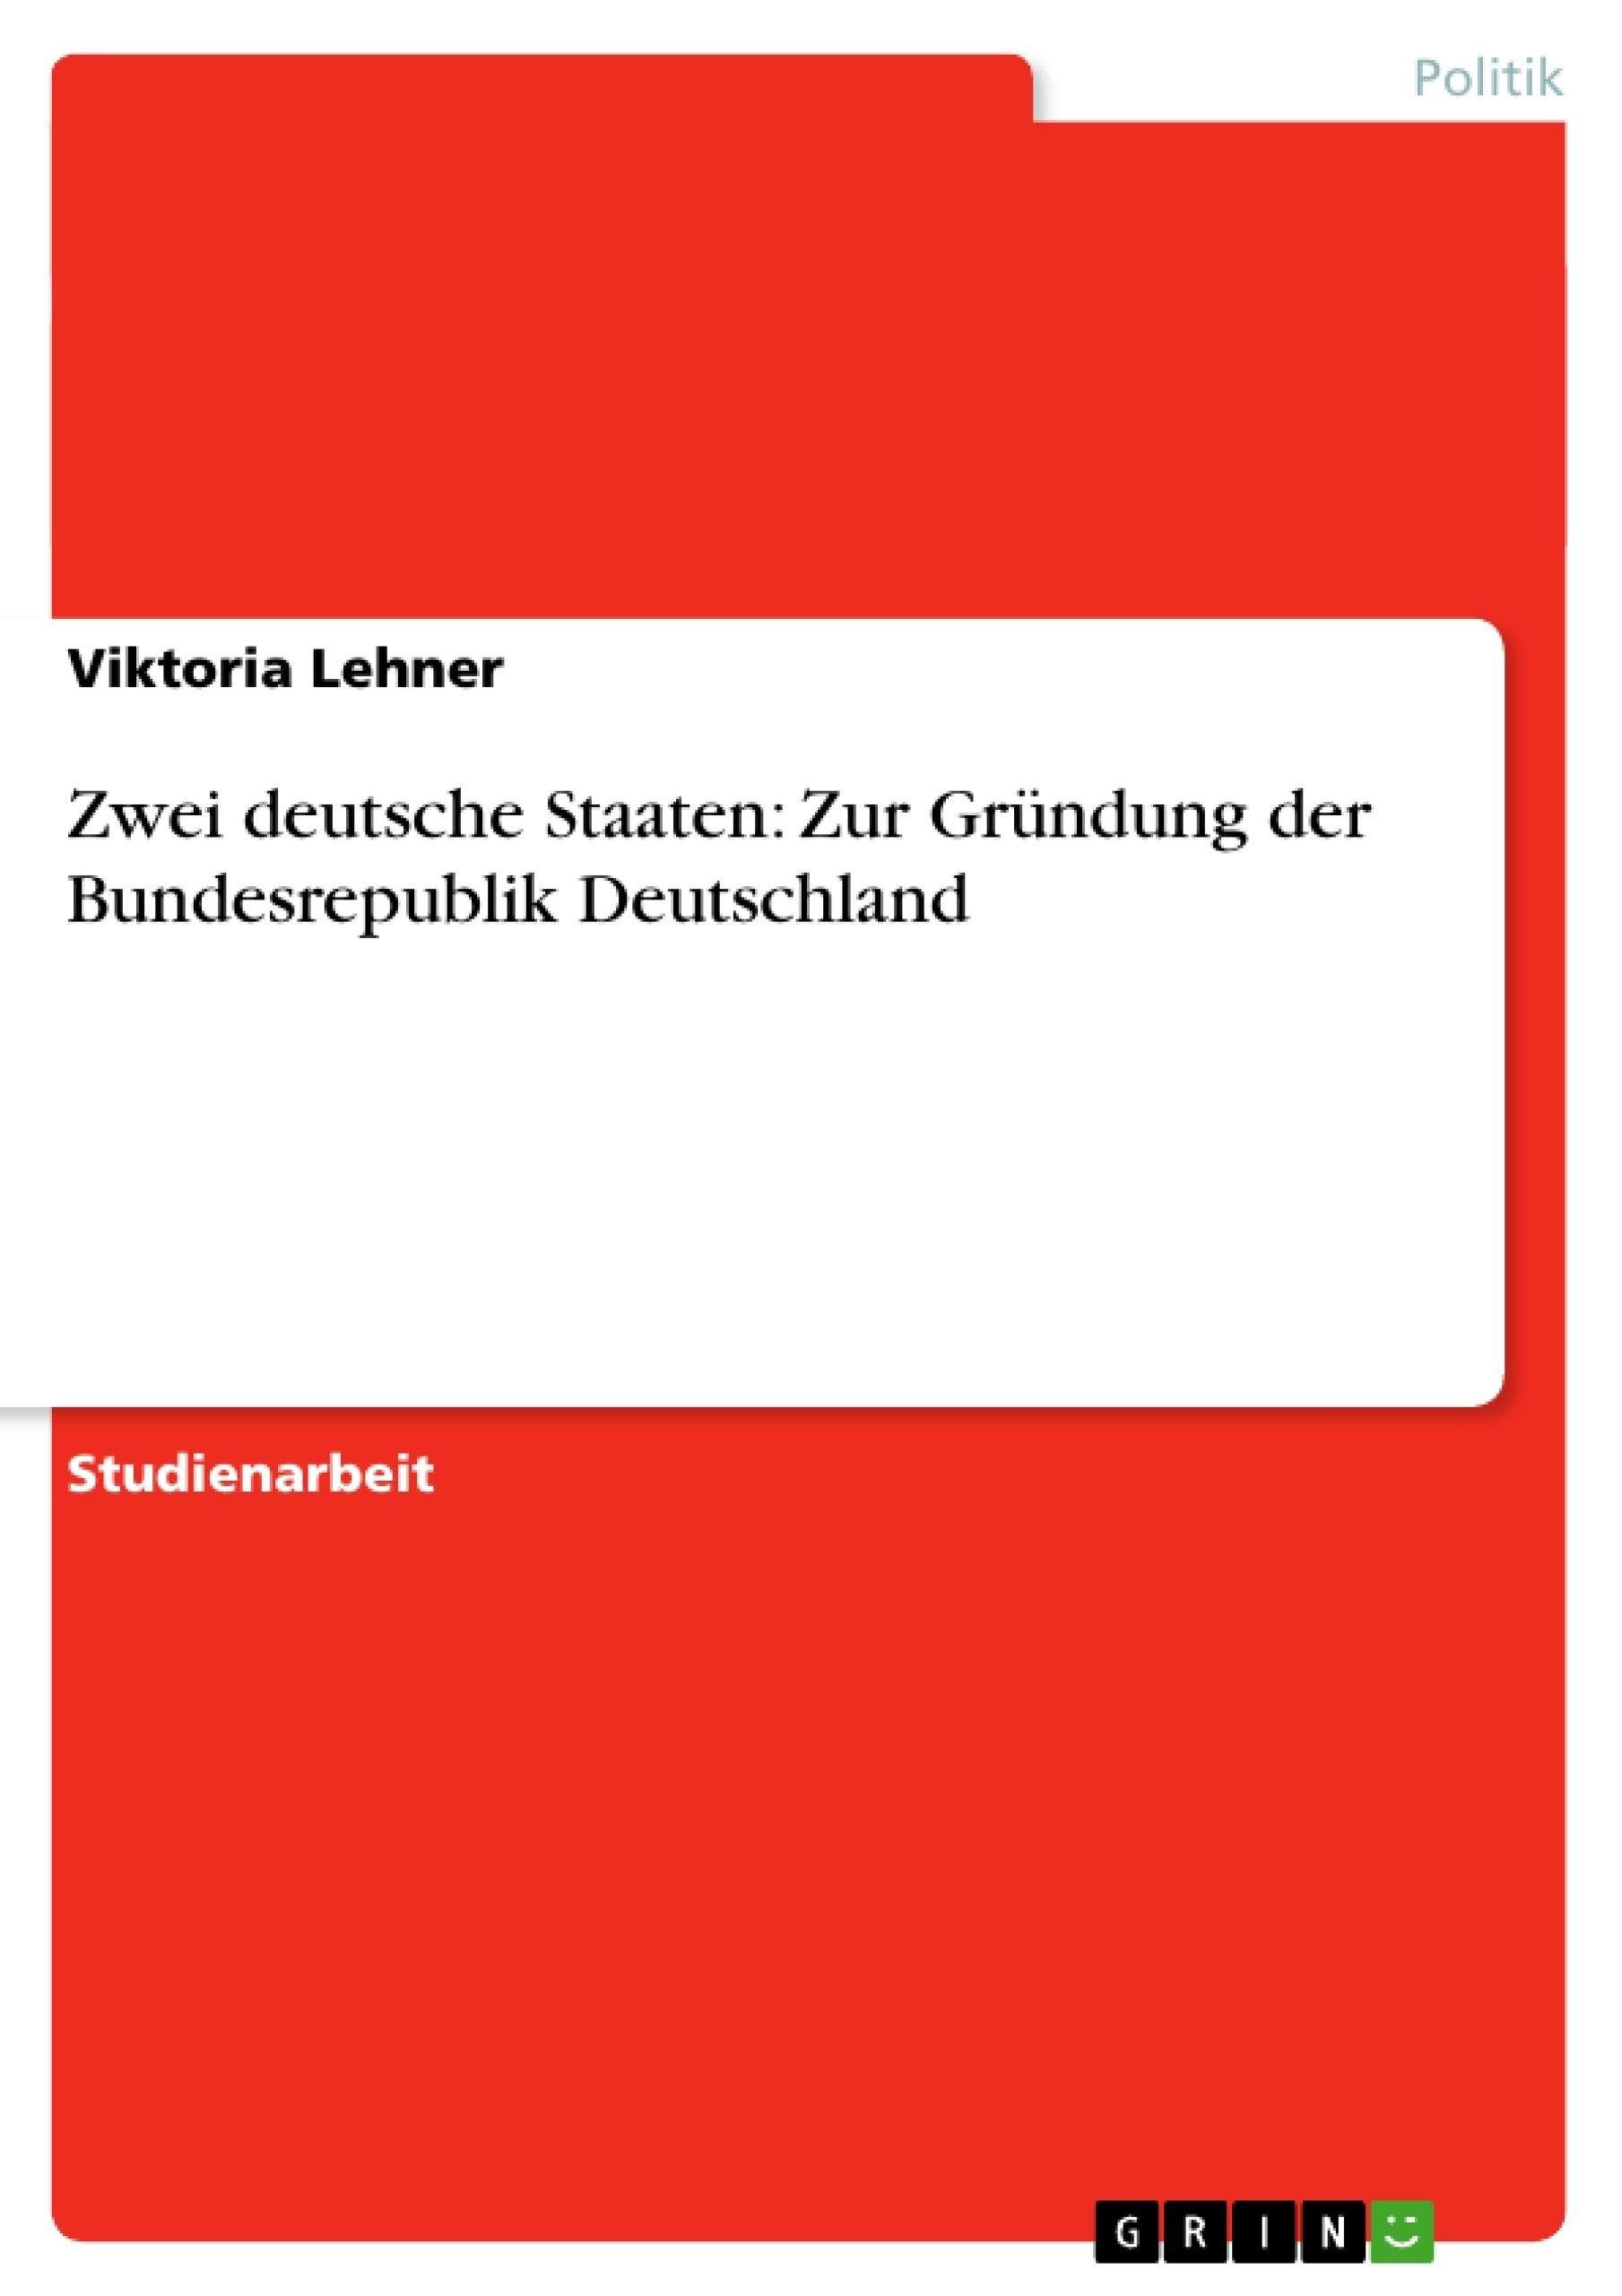 Titel: Zwei deutsche Staaten: Zur Gründung der Bundesrepublik Deutschland